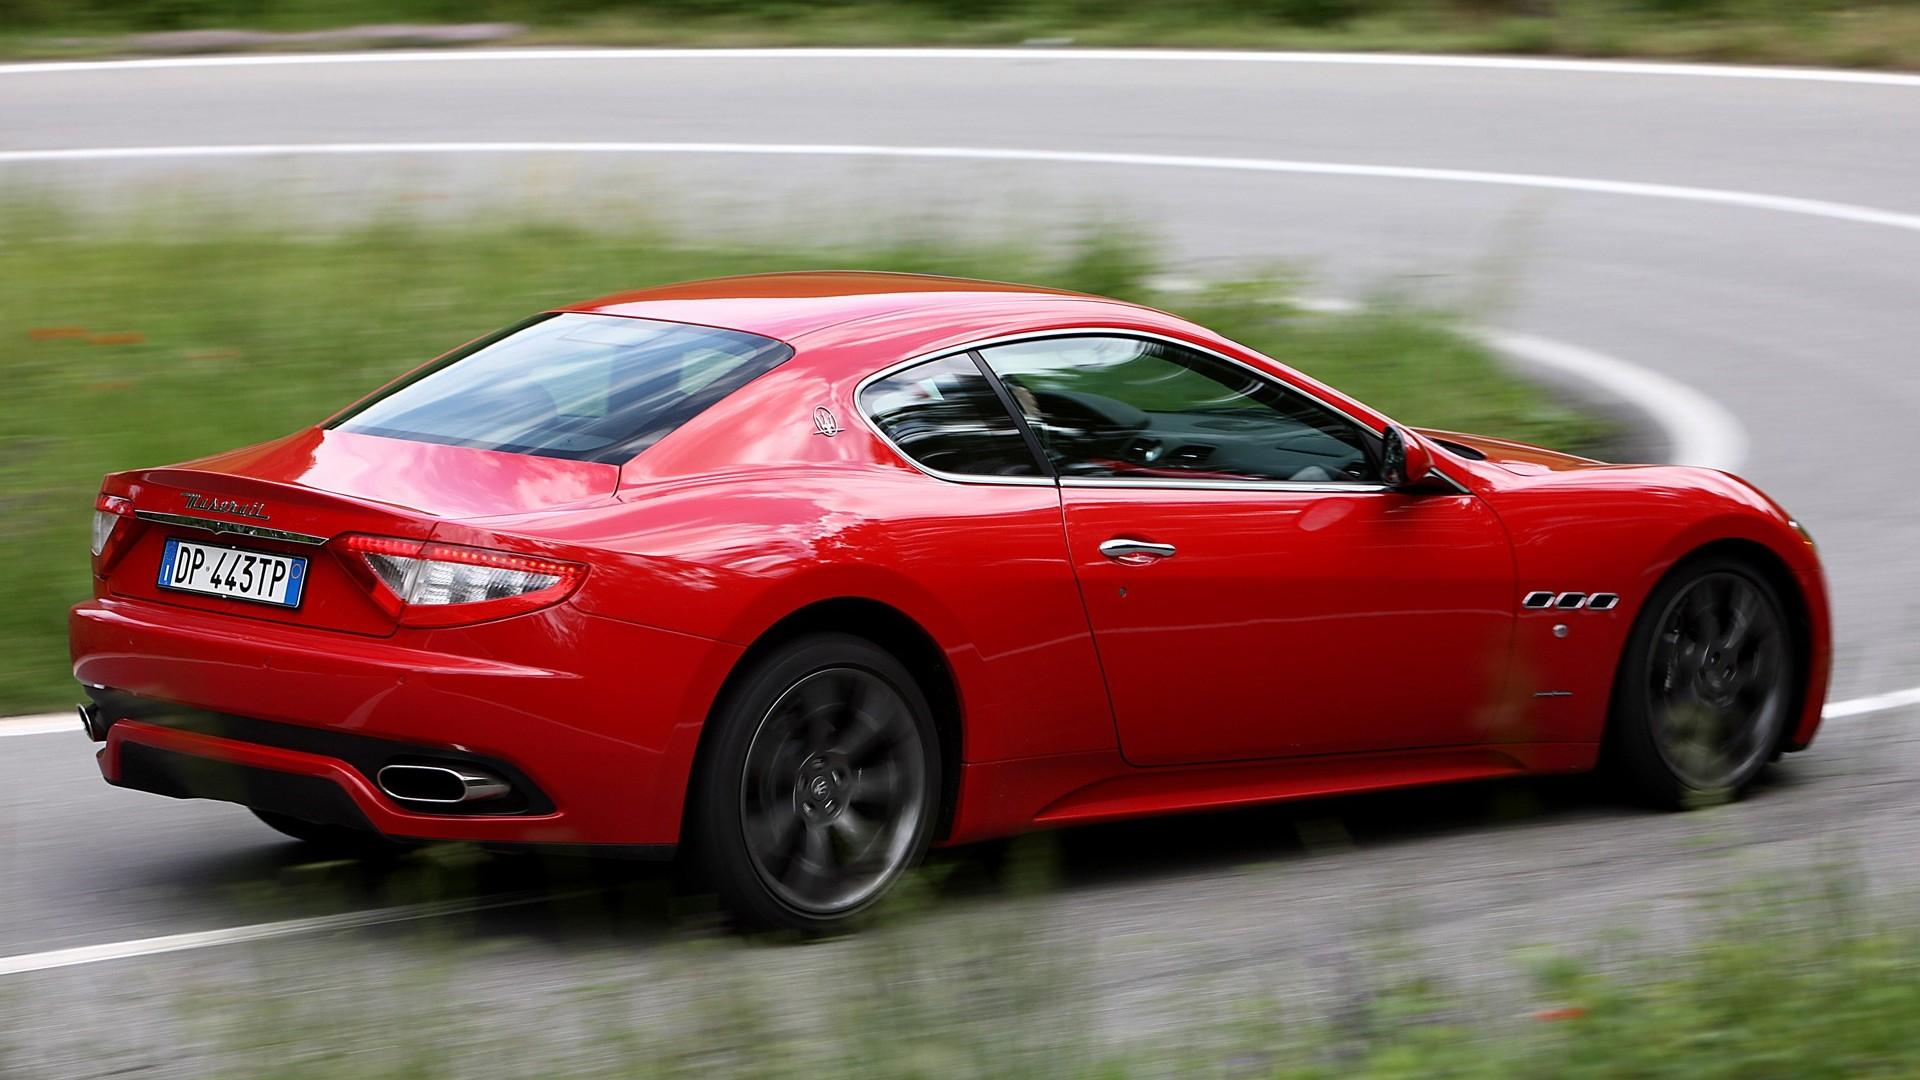 Maserati Granturismo HD Wallpaper